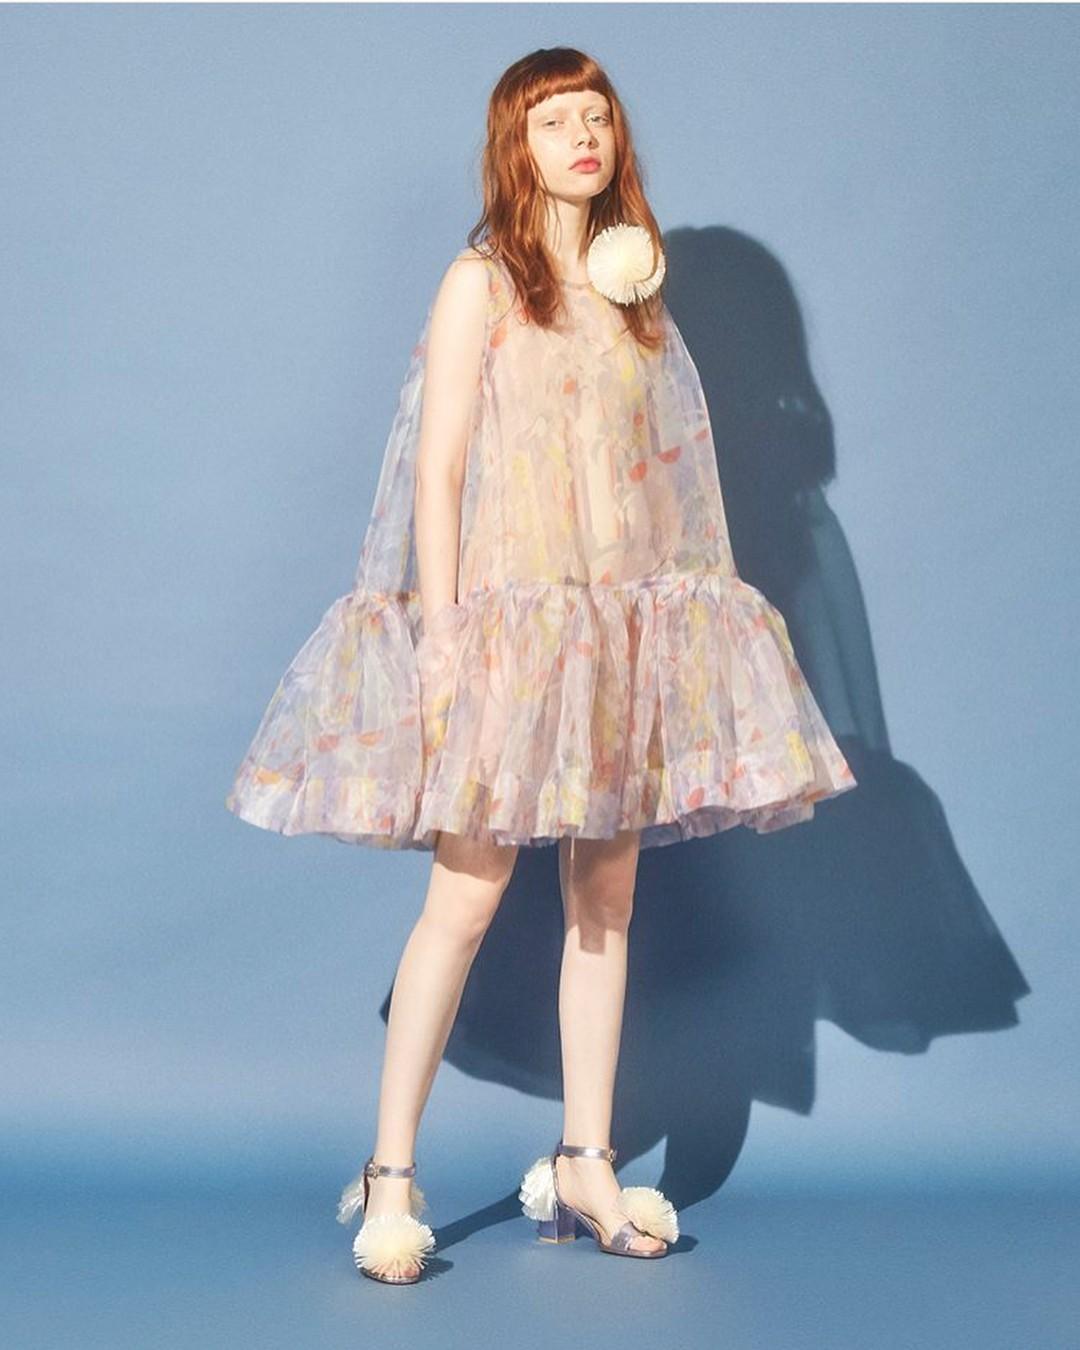 Mặc đẹp suốt ngày, sao Taeyeon lại chọn đúng váy như quả cầu lông để mặc trong sinh nhật thế này - Ảnh 9.